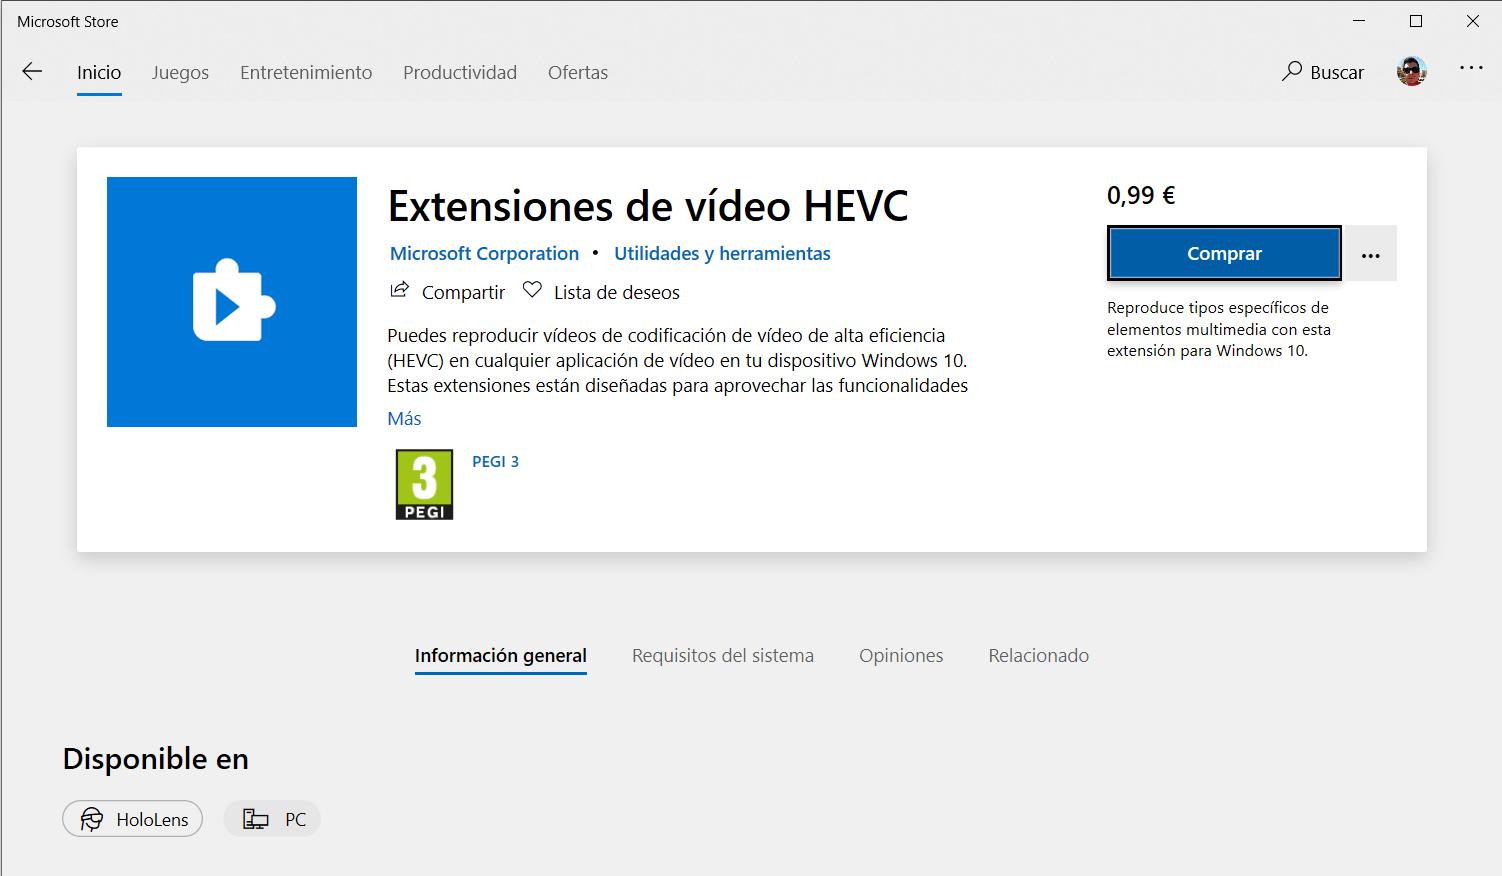 Página de las extensiones de vídeo HEVC en la Microsoft Store de Windows 10